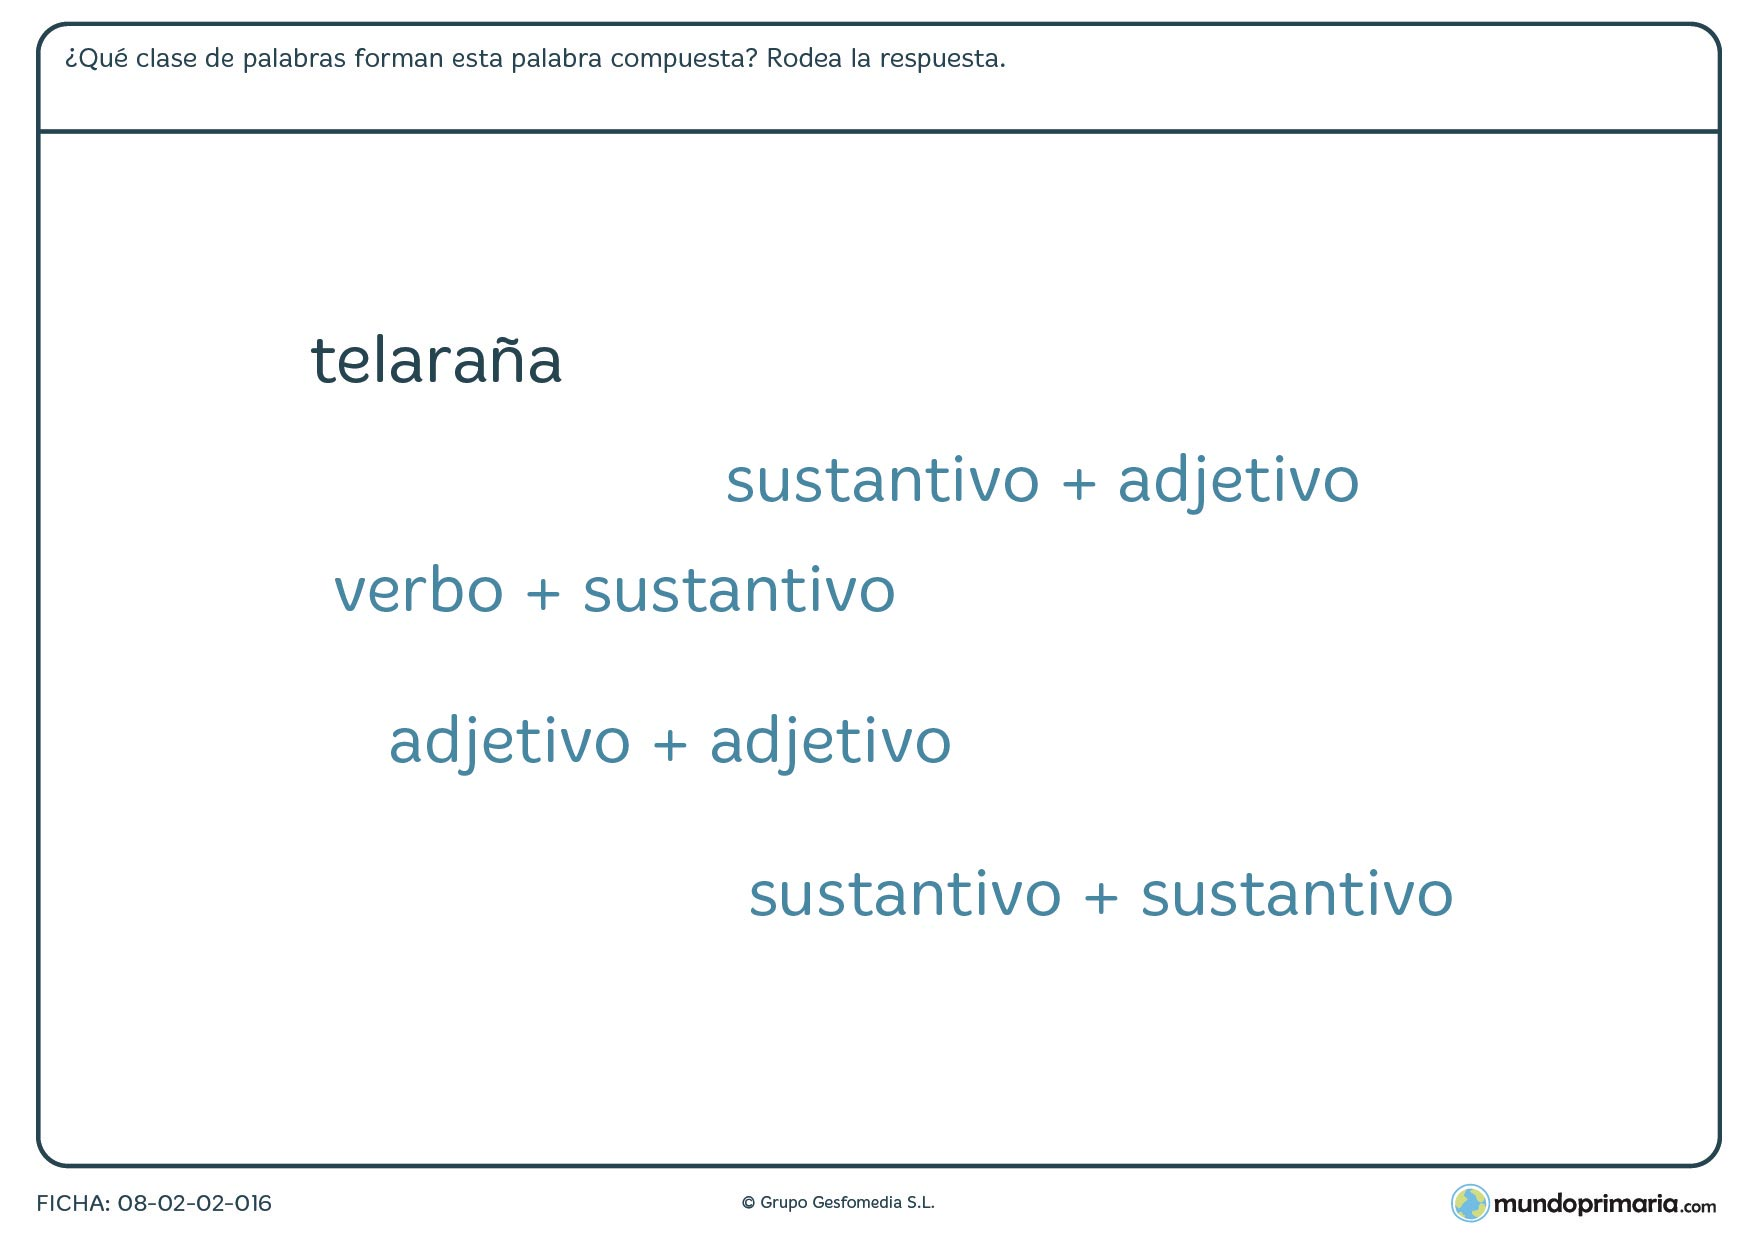 Ficha de palabras compuestas para alumnos de 6º curso de Primaria